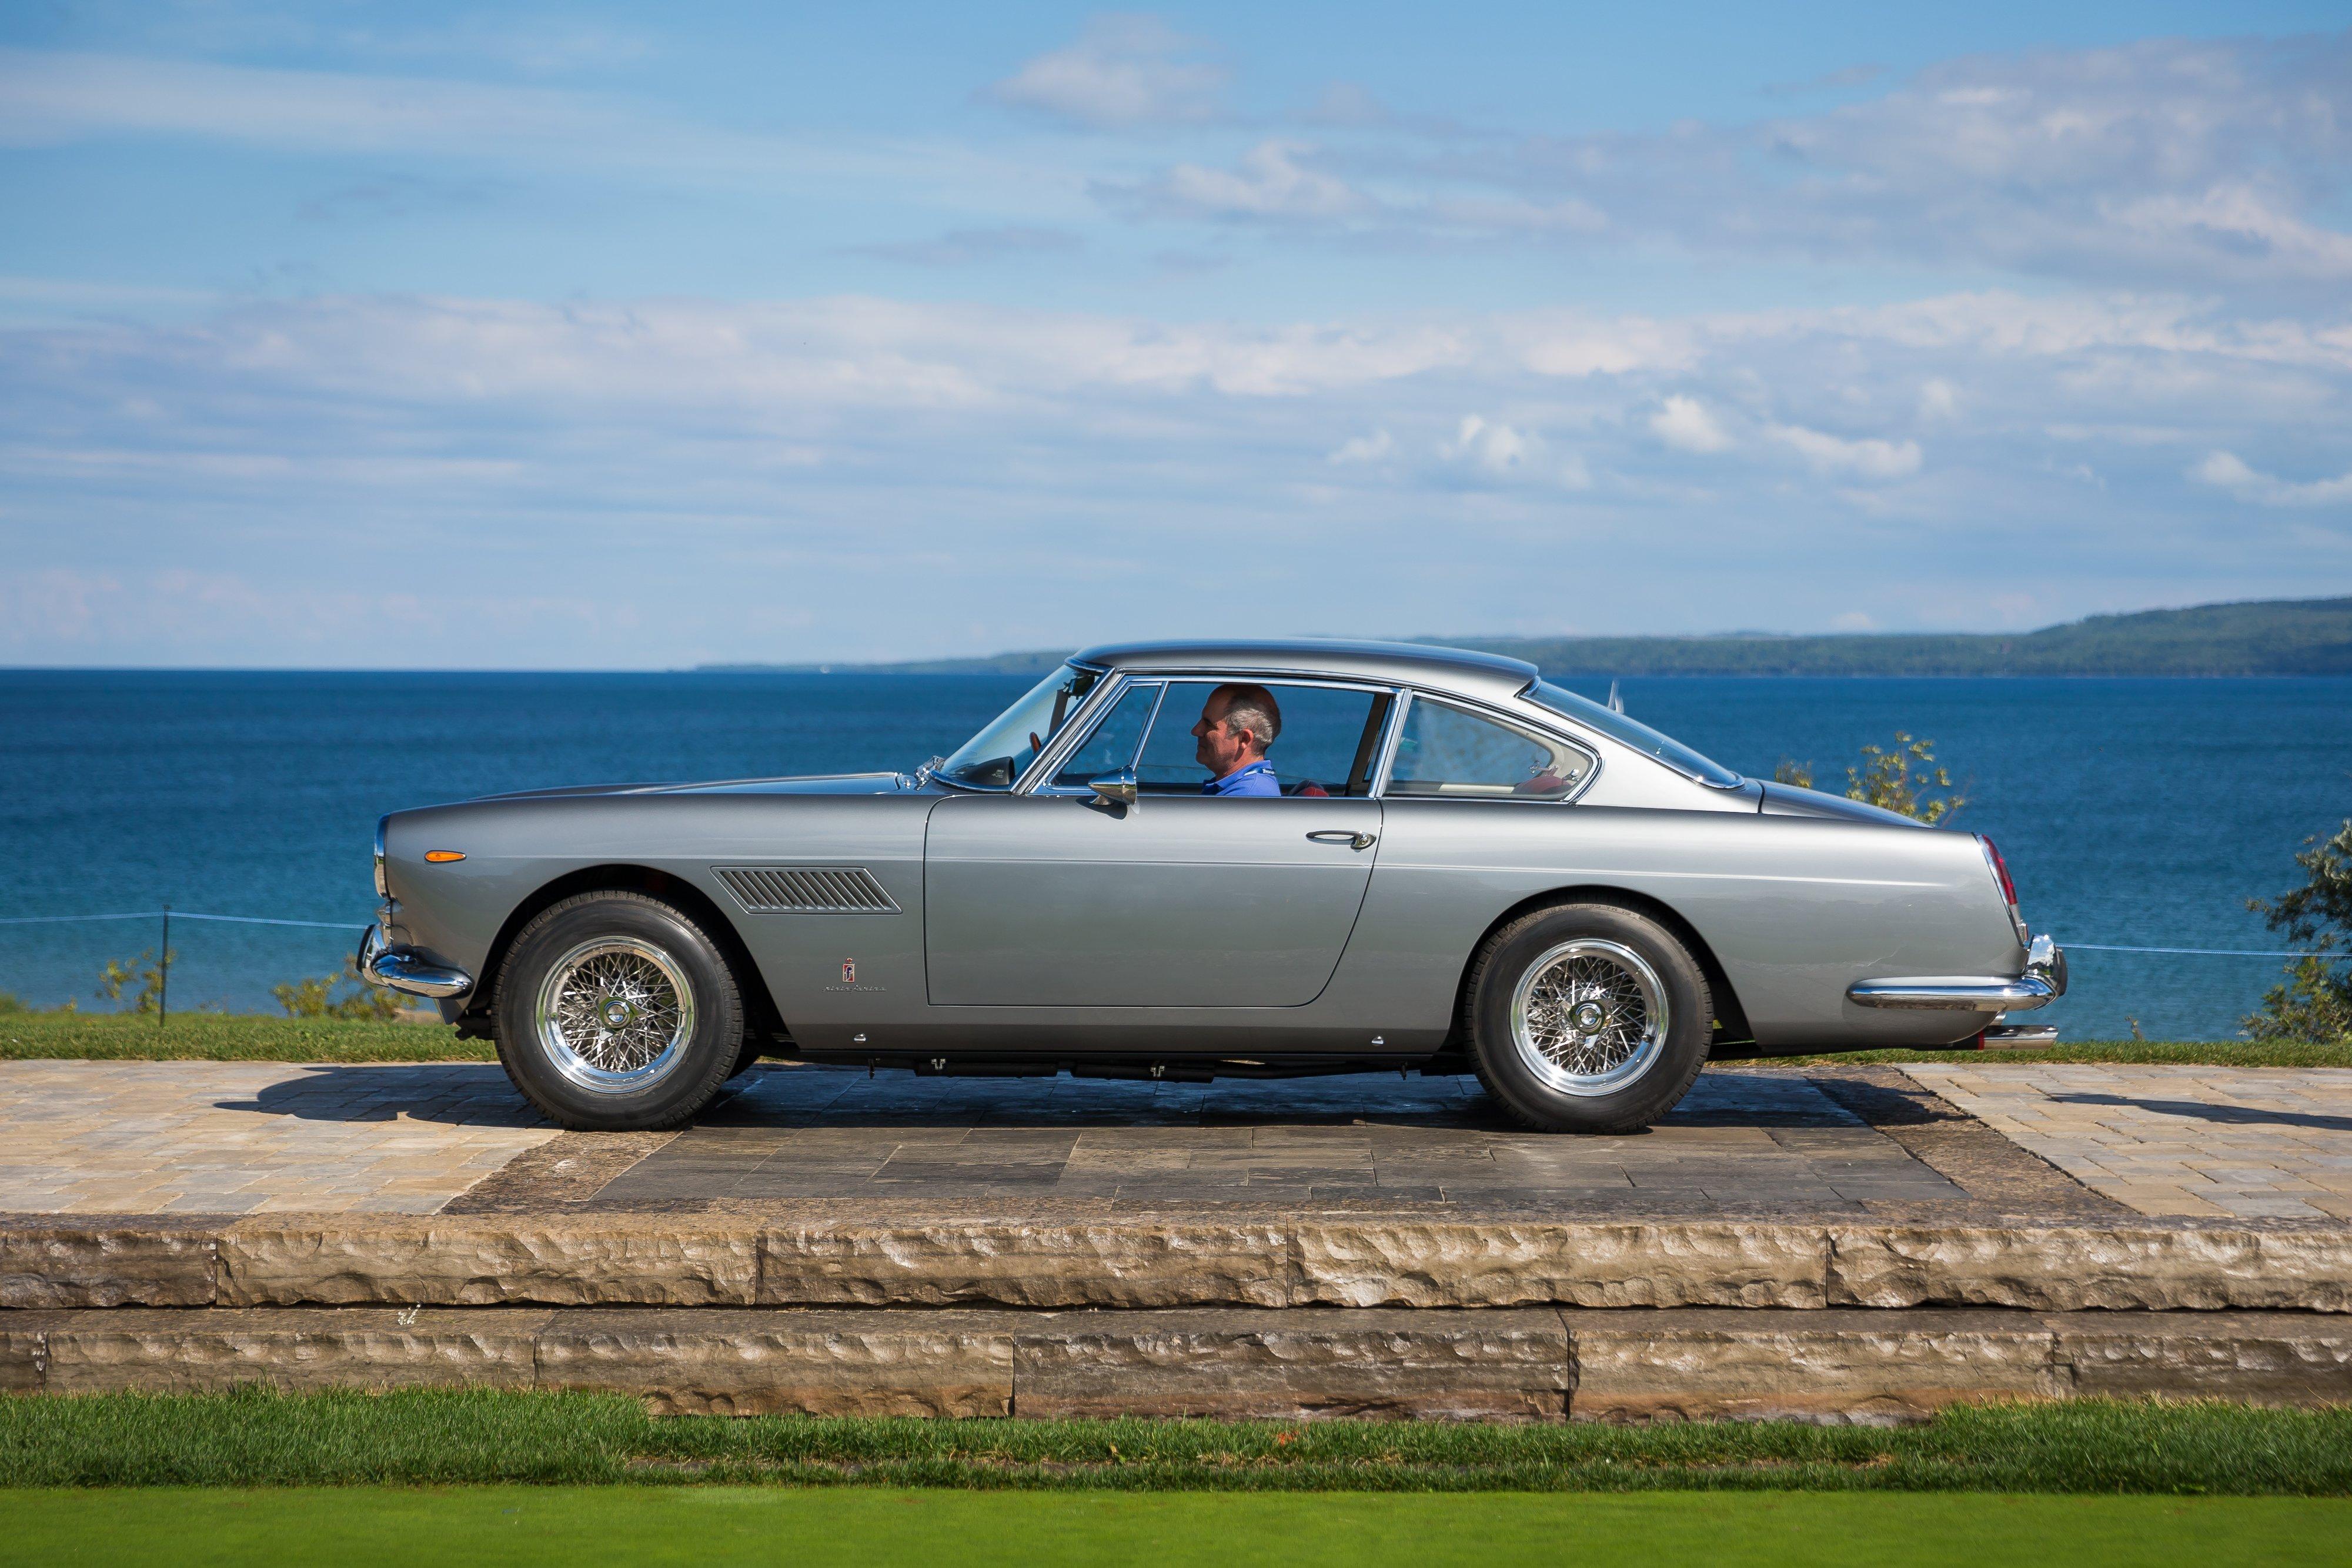 1964 Ferrari 330 America - 3rd